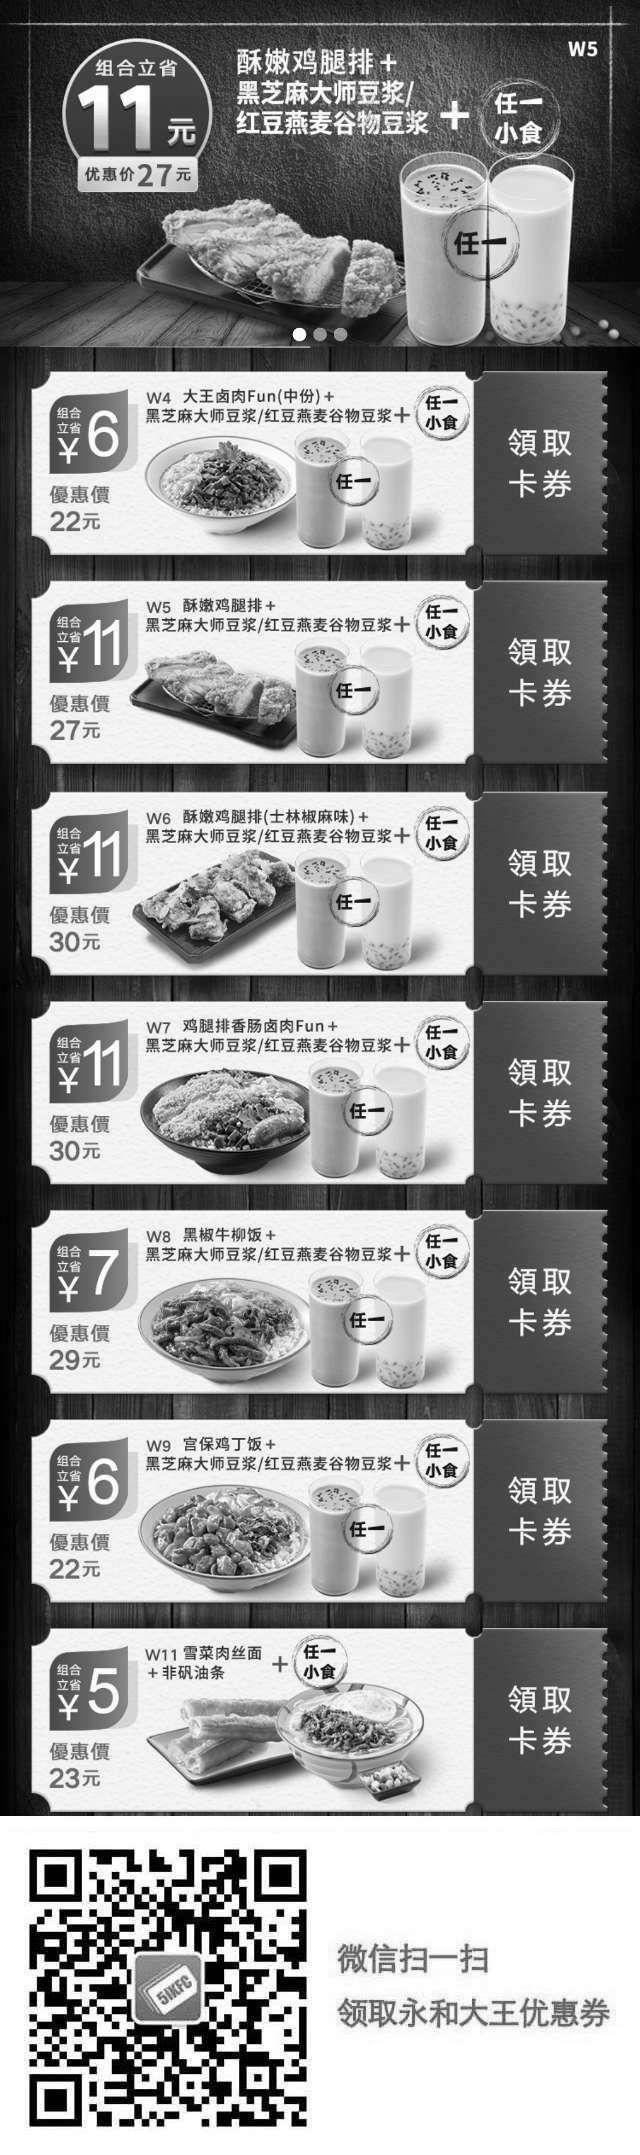 黑白优惠券图片:永和大王优惠券套餐2020年5月卡券领取,面、饭、鸡排套餐22元起 - www.5ikfc.com